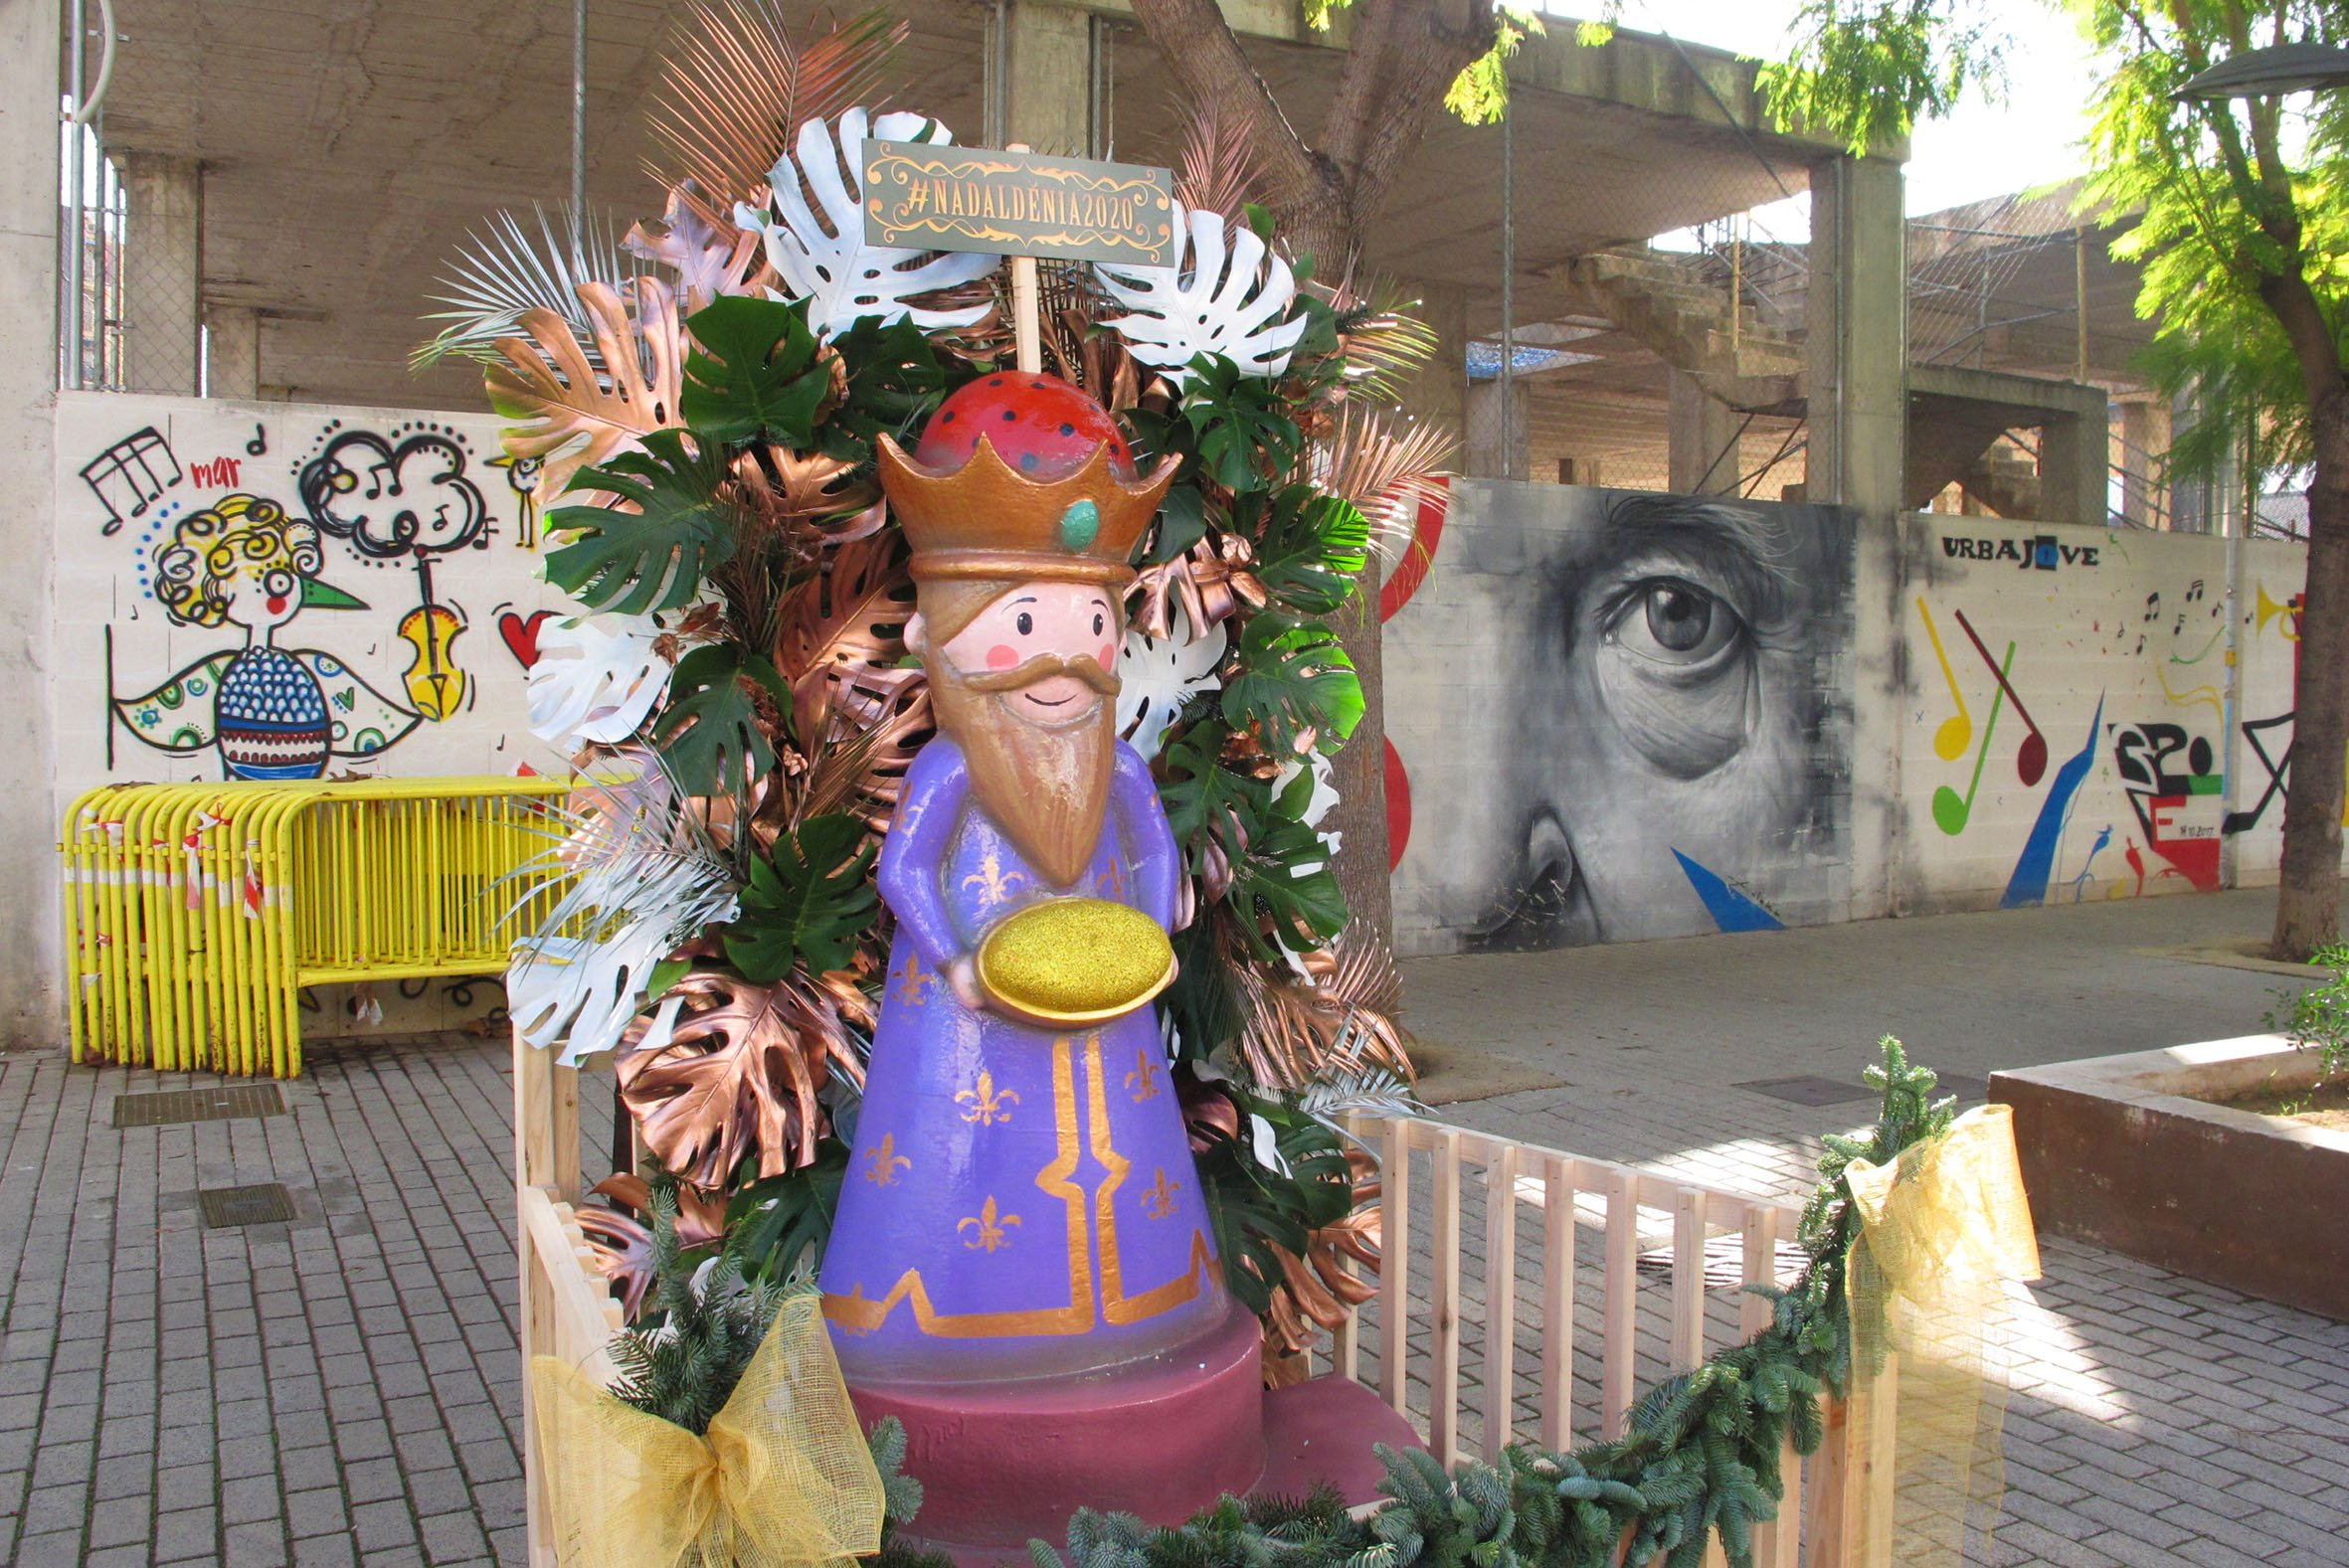 Un rey mago es el monumento de Calle La Vía